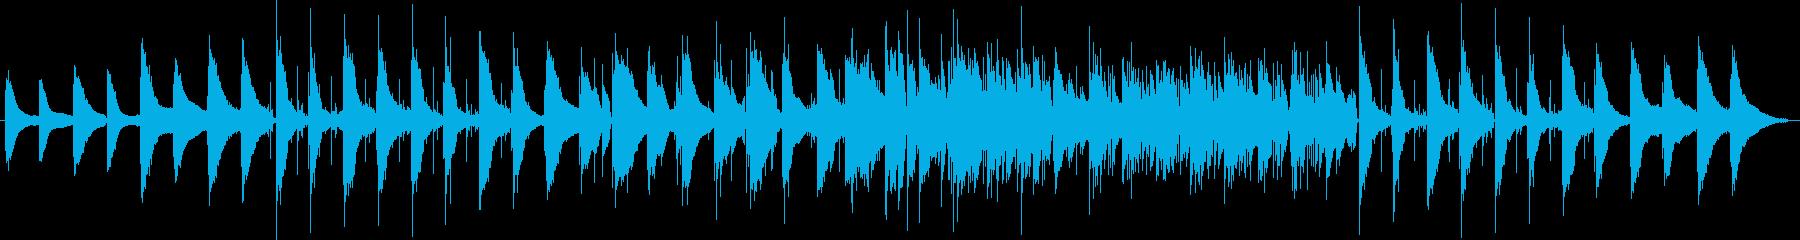 幻想的なピアノトリオの再生済みの波形